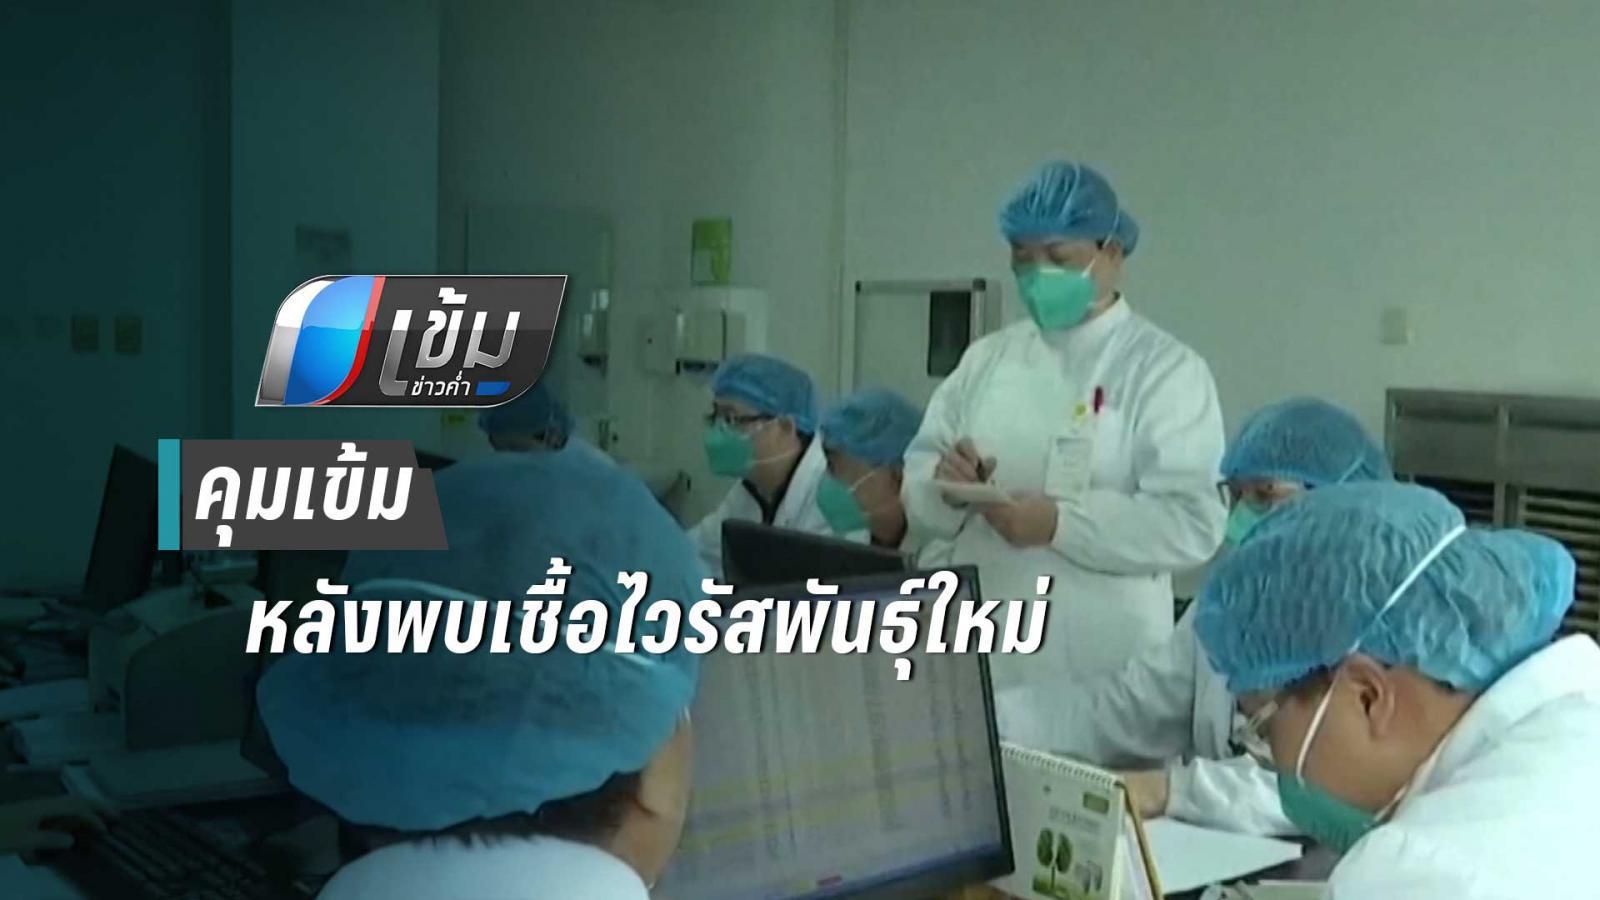 สธ.คุมเข้มตรุษจีน หลังพบผู้ติดเชื้อไวรัสโคโรนาพันธุ์ใหม่คนแรกในไทย